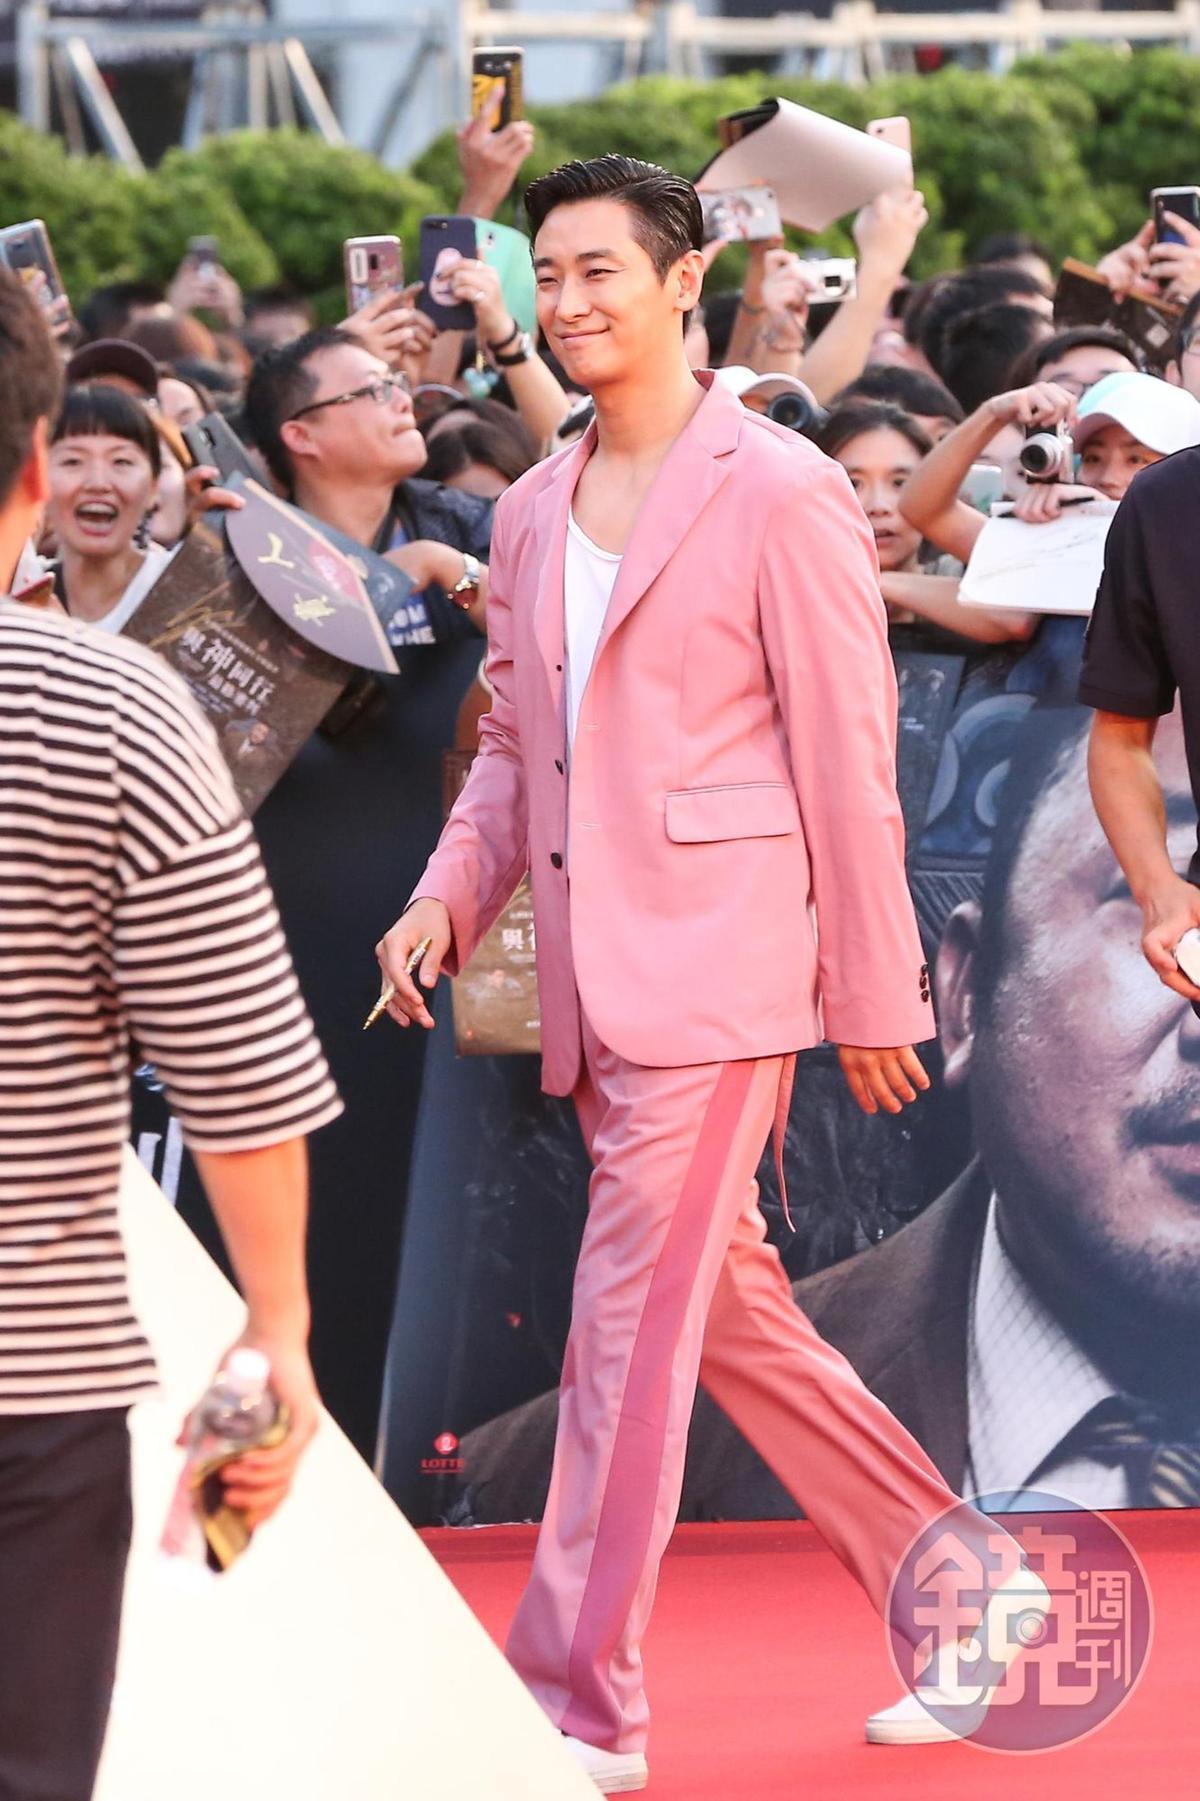 朱智勳身高188公分,在紅毯上超級醒目。